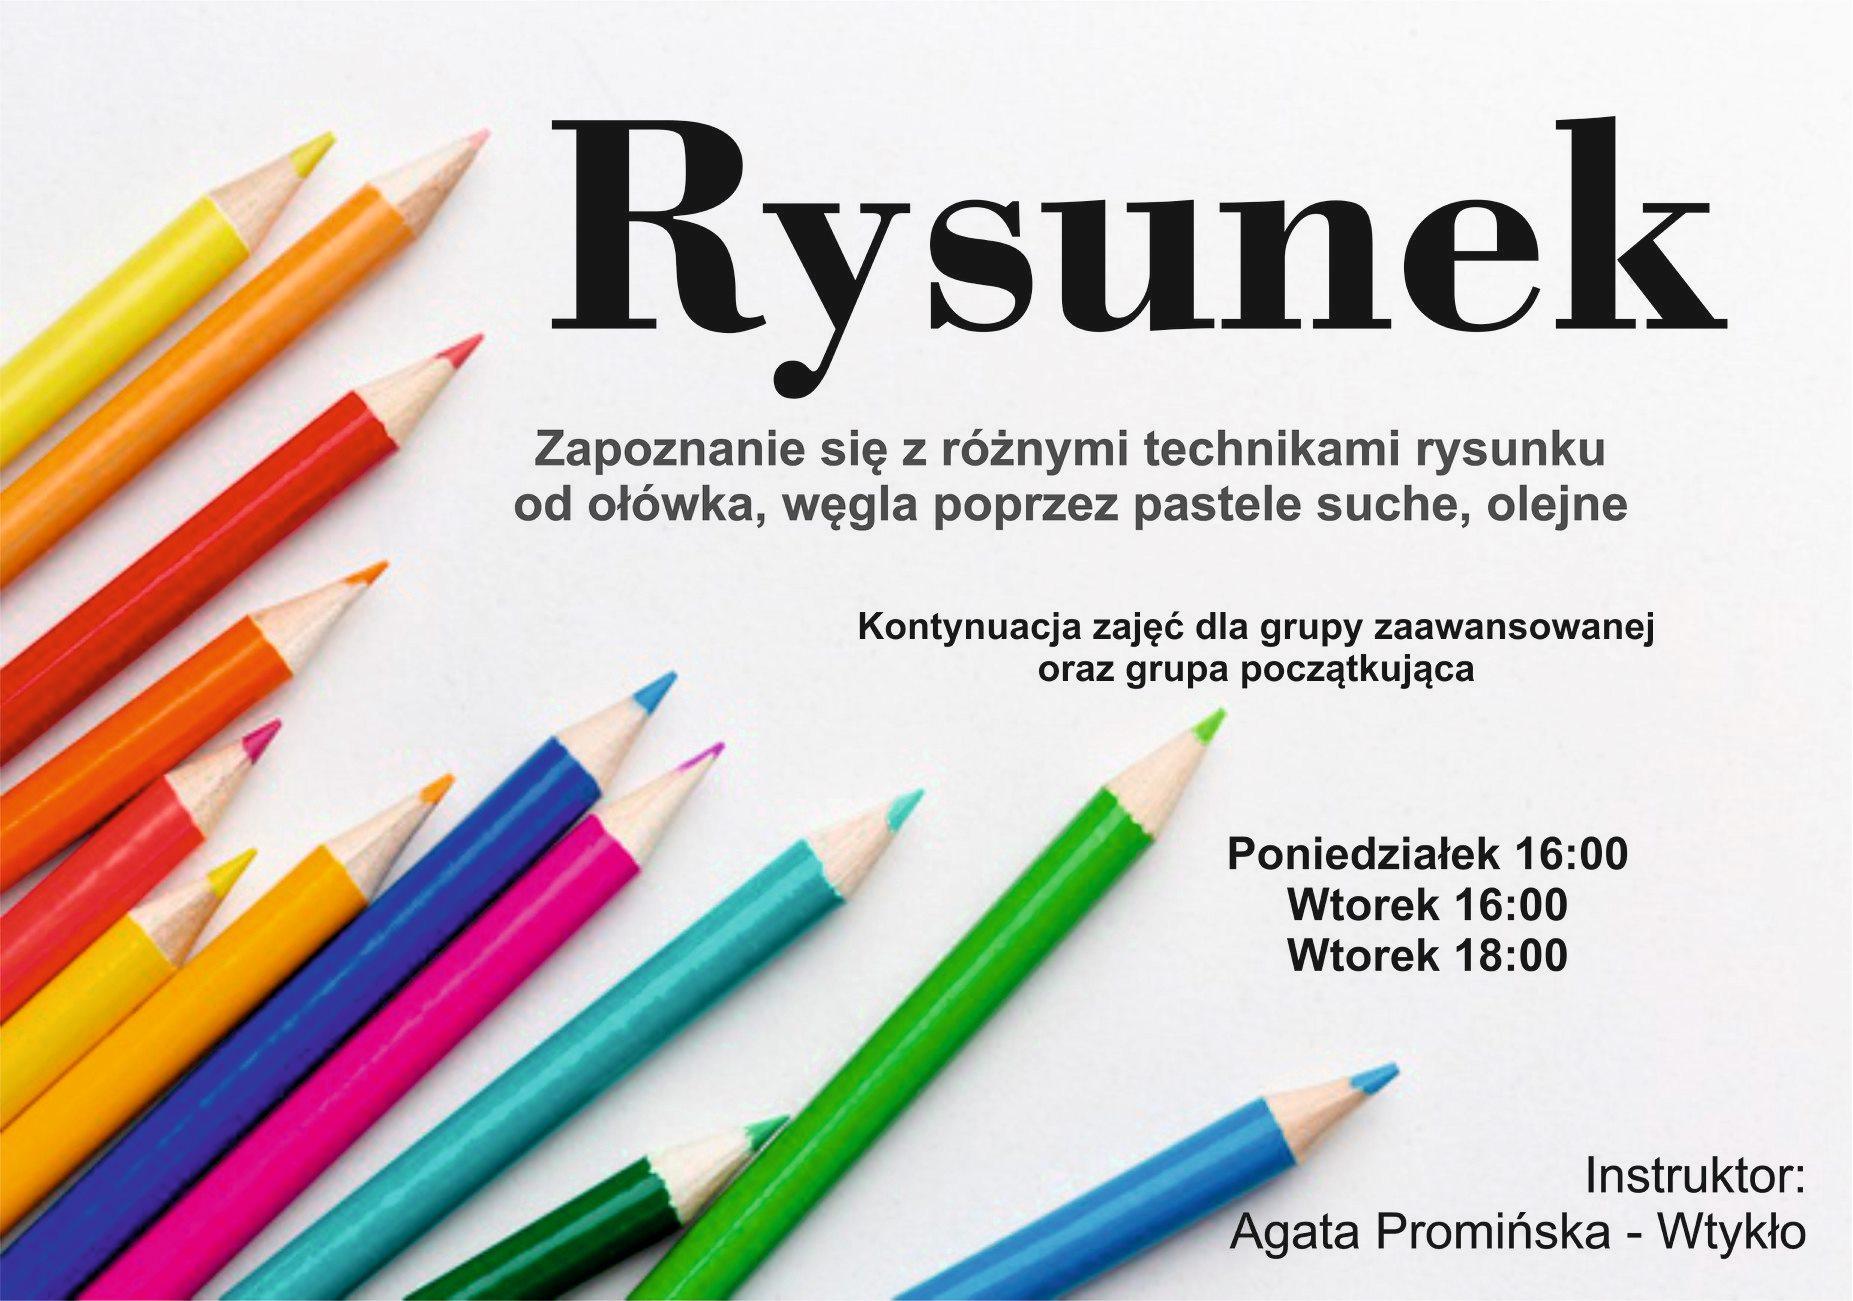 rysunek odręczny zajęcia prowadzone przez Agatę Promińską Wtykło, plakat informacyjny